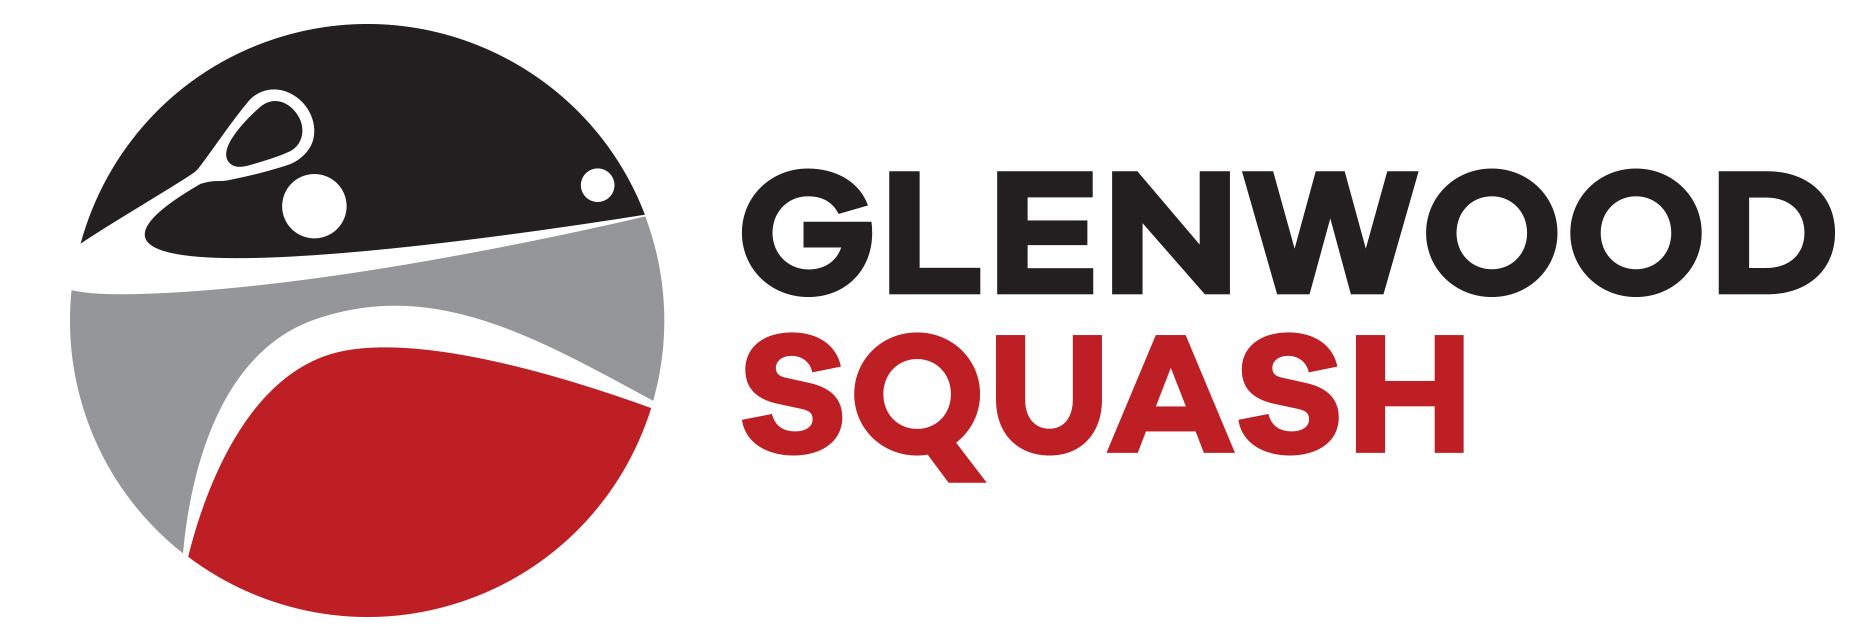 Glenwood Squash